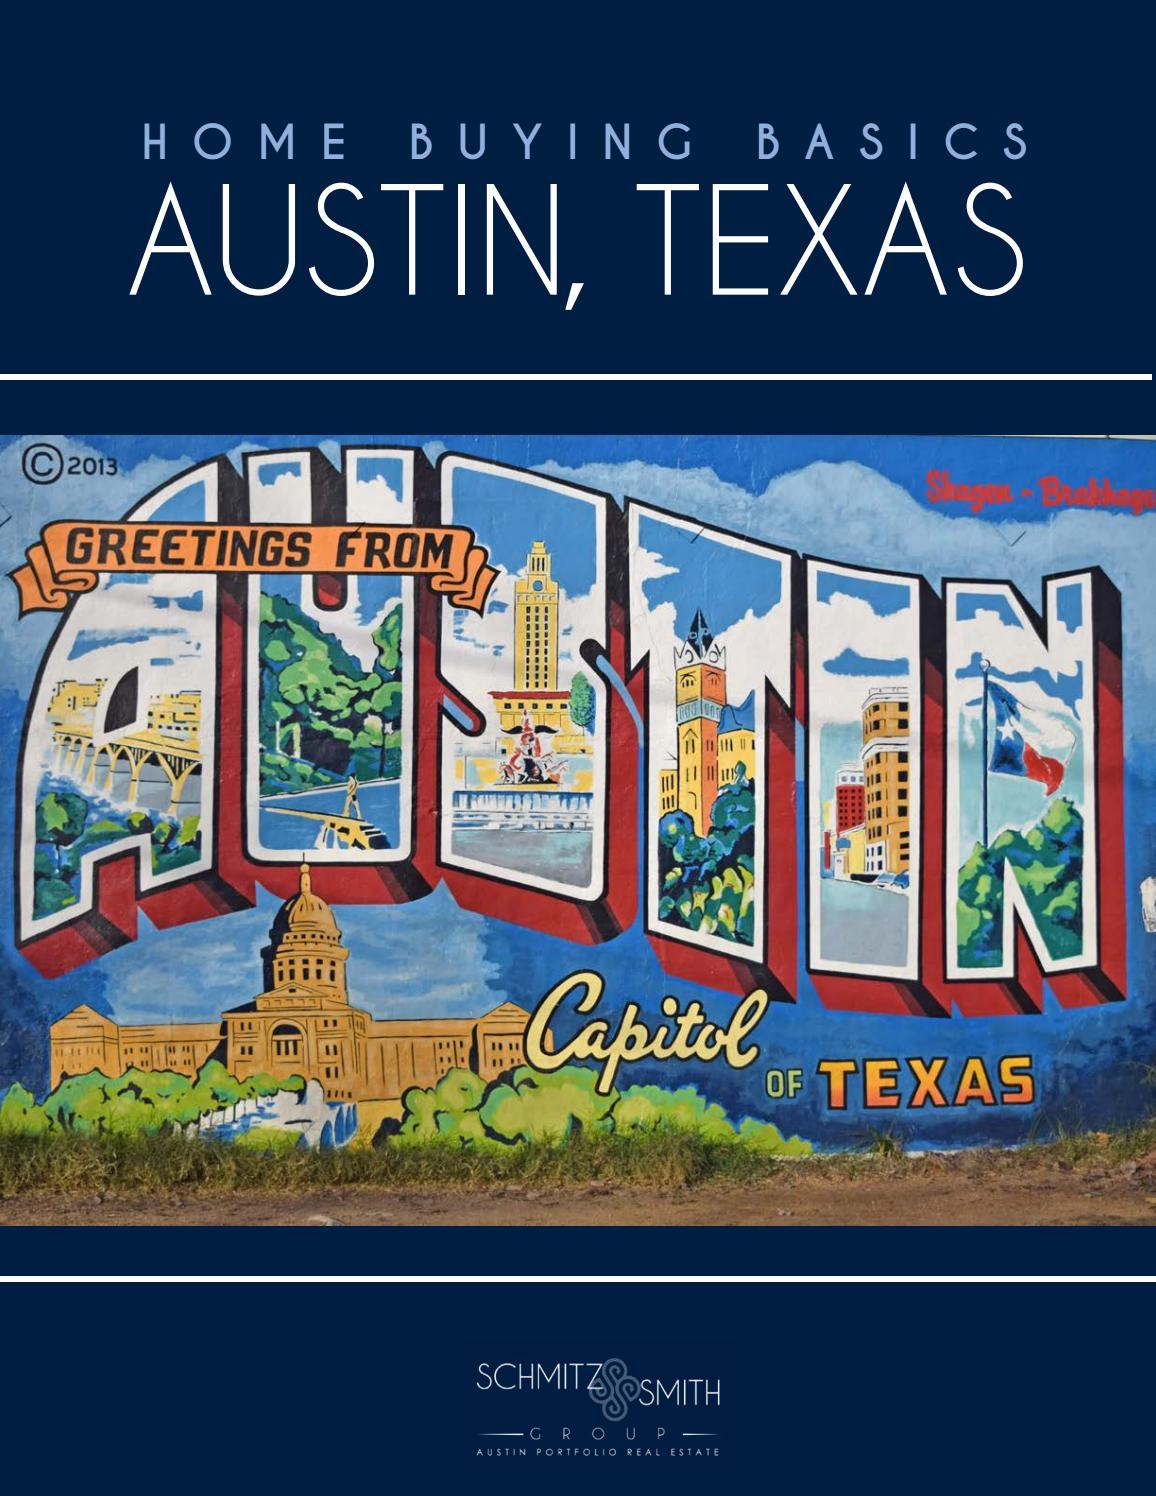 Texas Home Buying Basics - Presented by Schmitz & Smith ...